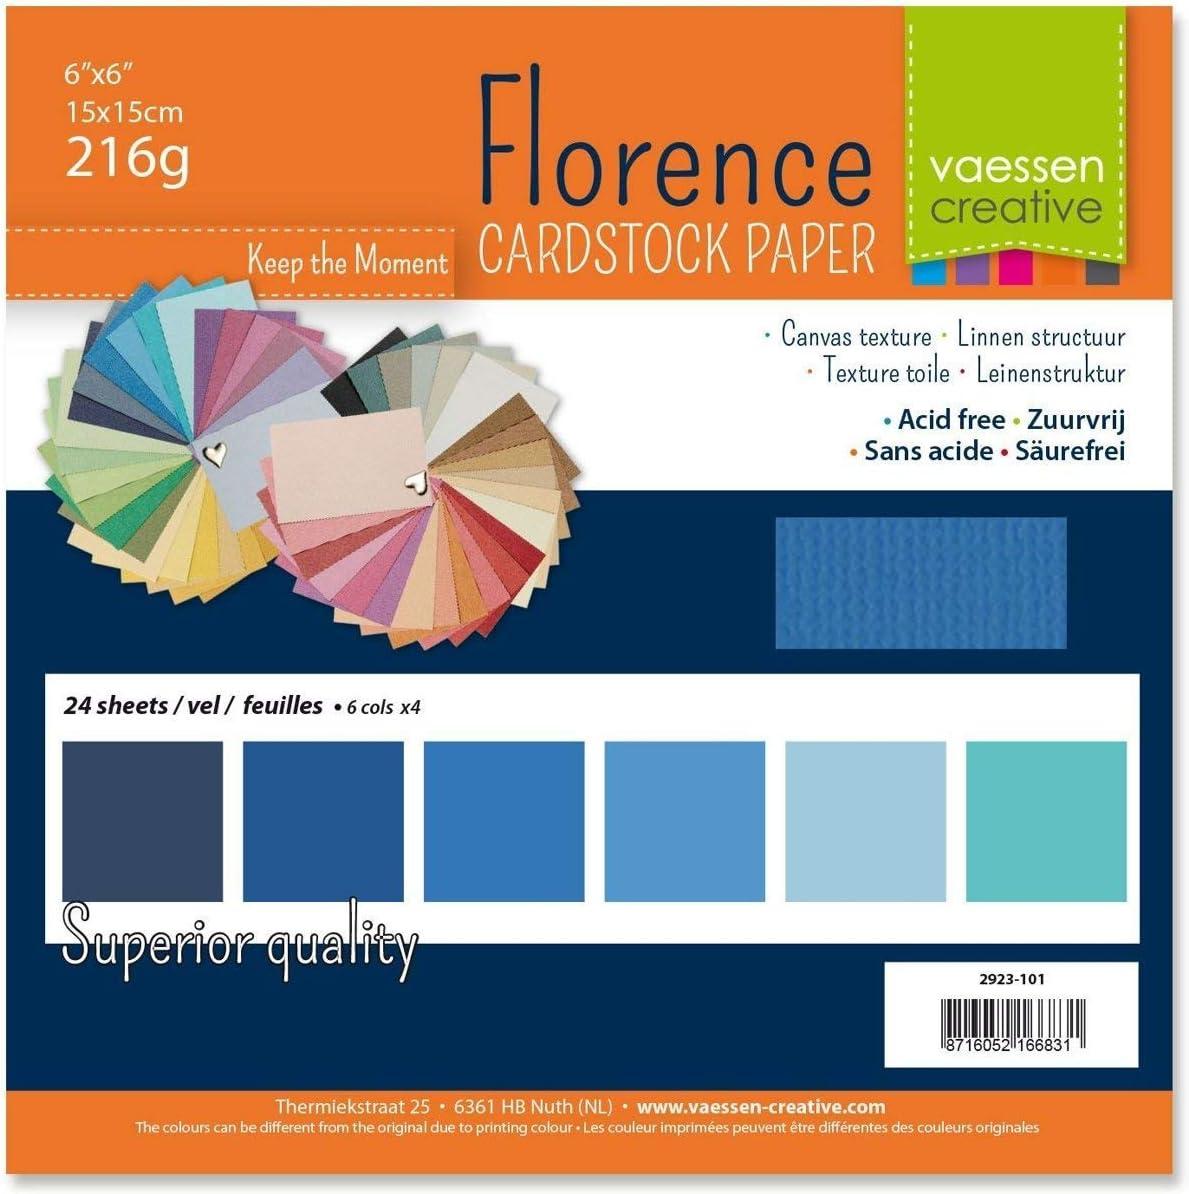 Multi-colore carta 6 x 6 inch Vaessen Creative 2923-199 Cartoncino effetto tela Firenze-Album 216 g 15 x 15 cm